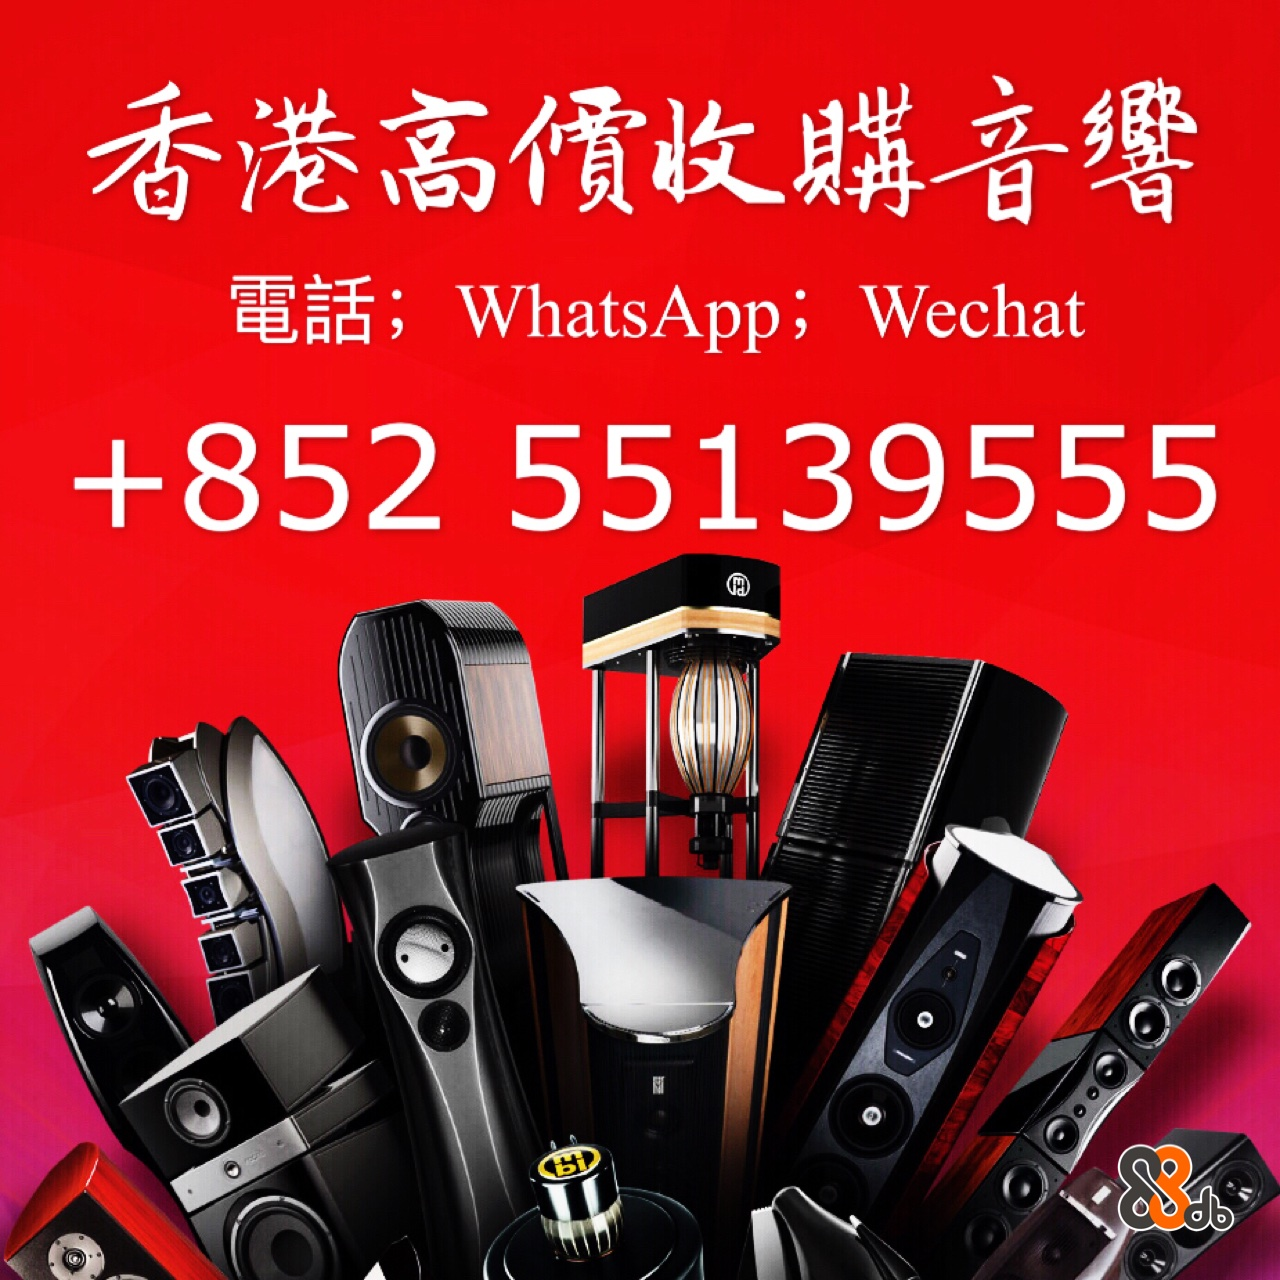 香港高價收購音響 電話: WhatsApp: Wechat +852 55139555  product,product,font,